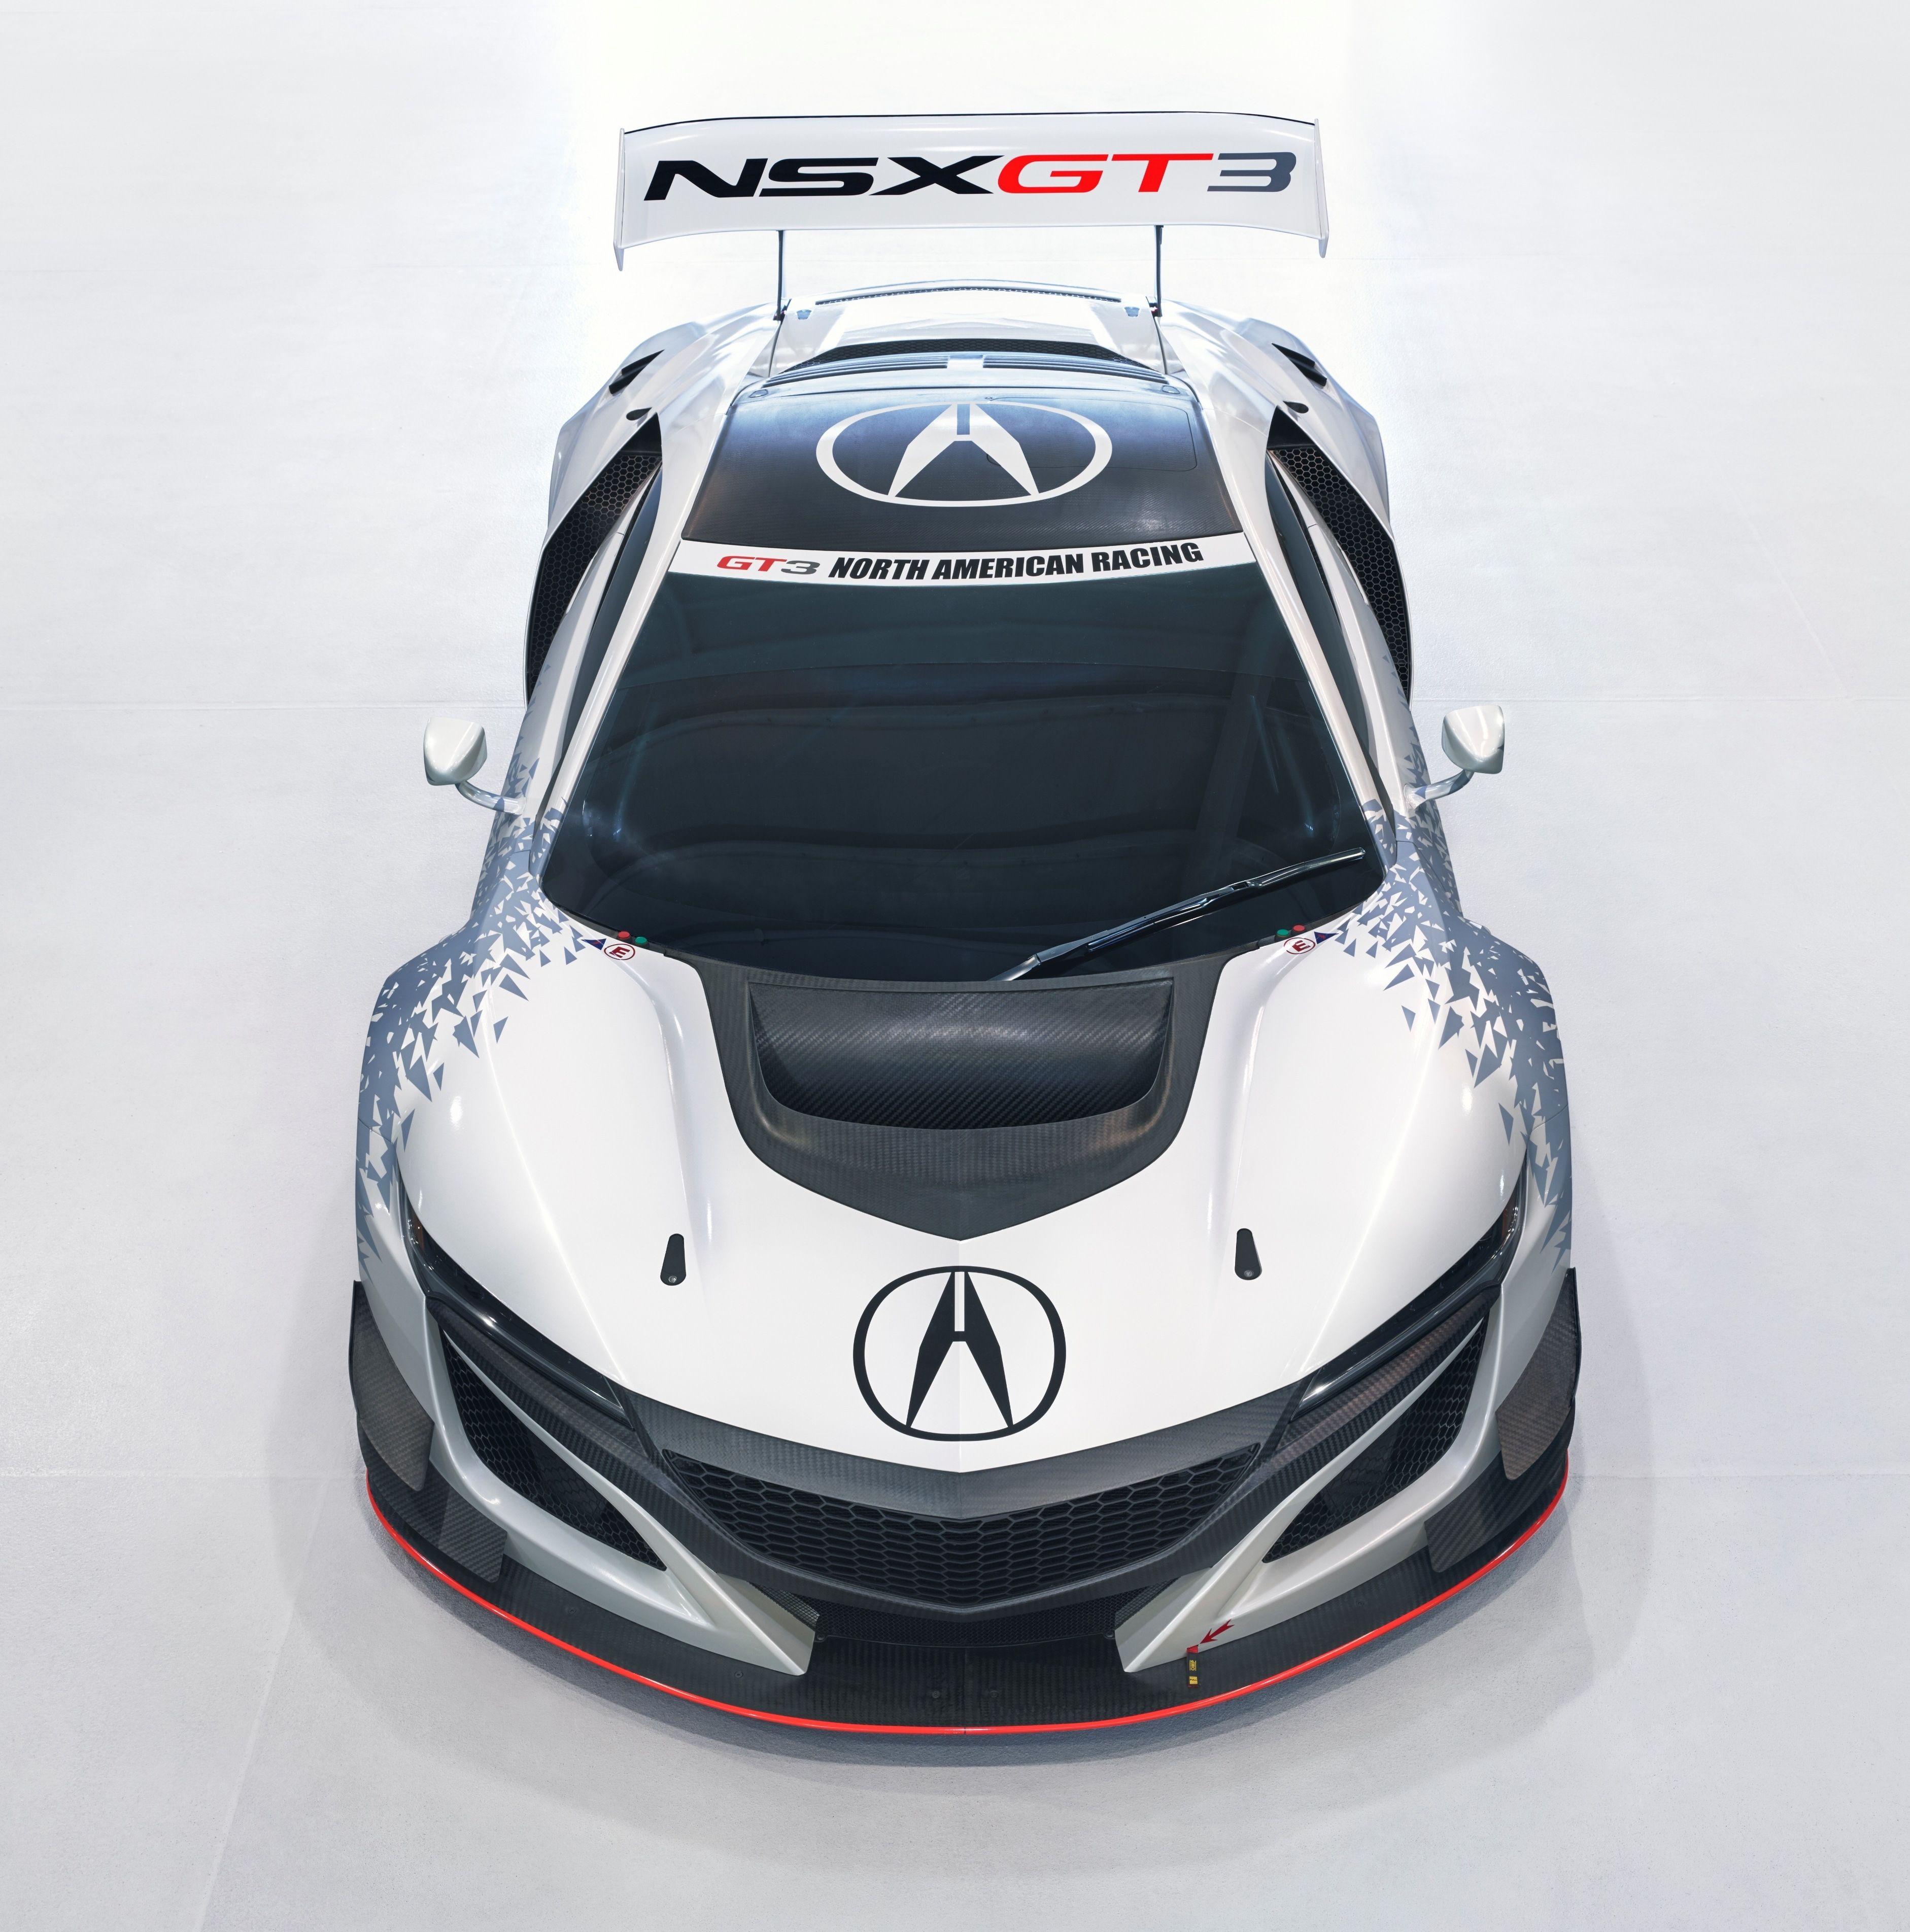 Nsx, Acura Nsx, 2017 Acura Nsx